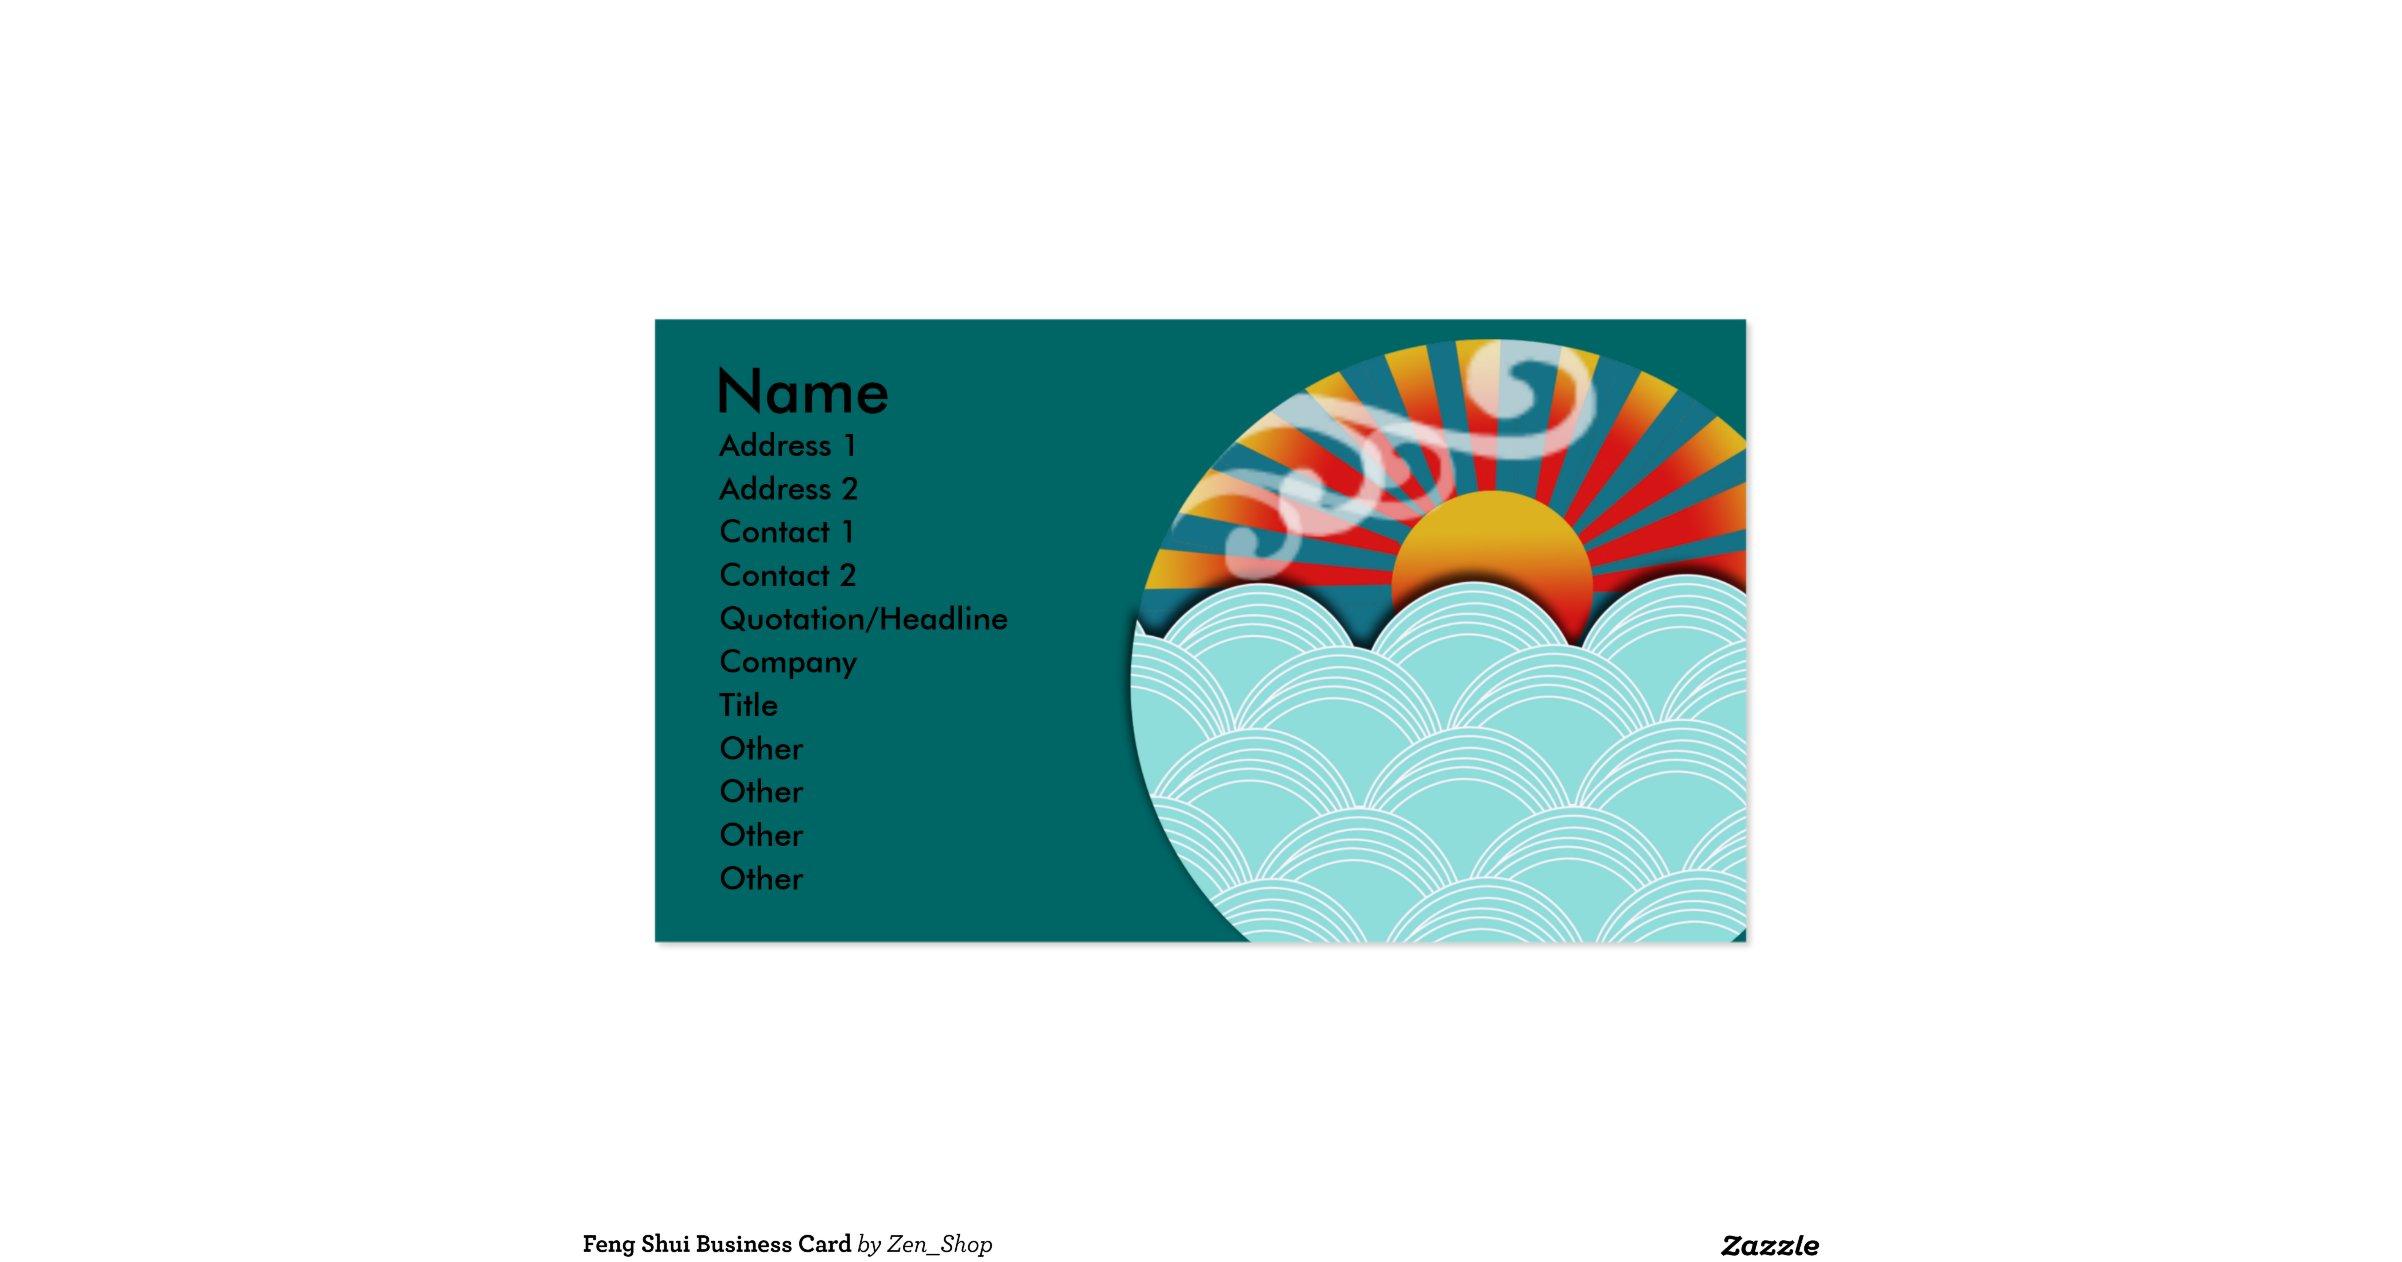 Feng shui business card r9e64b2ddac8d4b6a86acbd254a014cf0 for Feng shui business cards